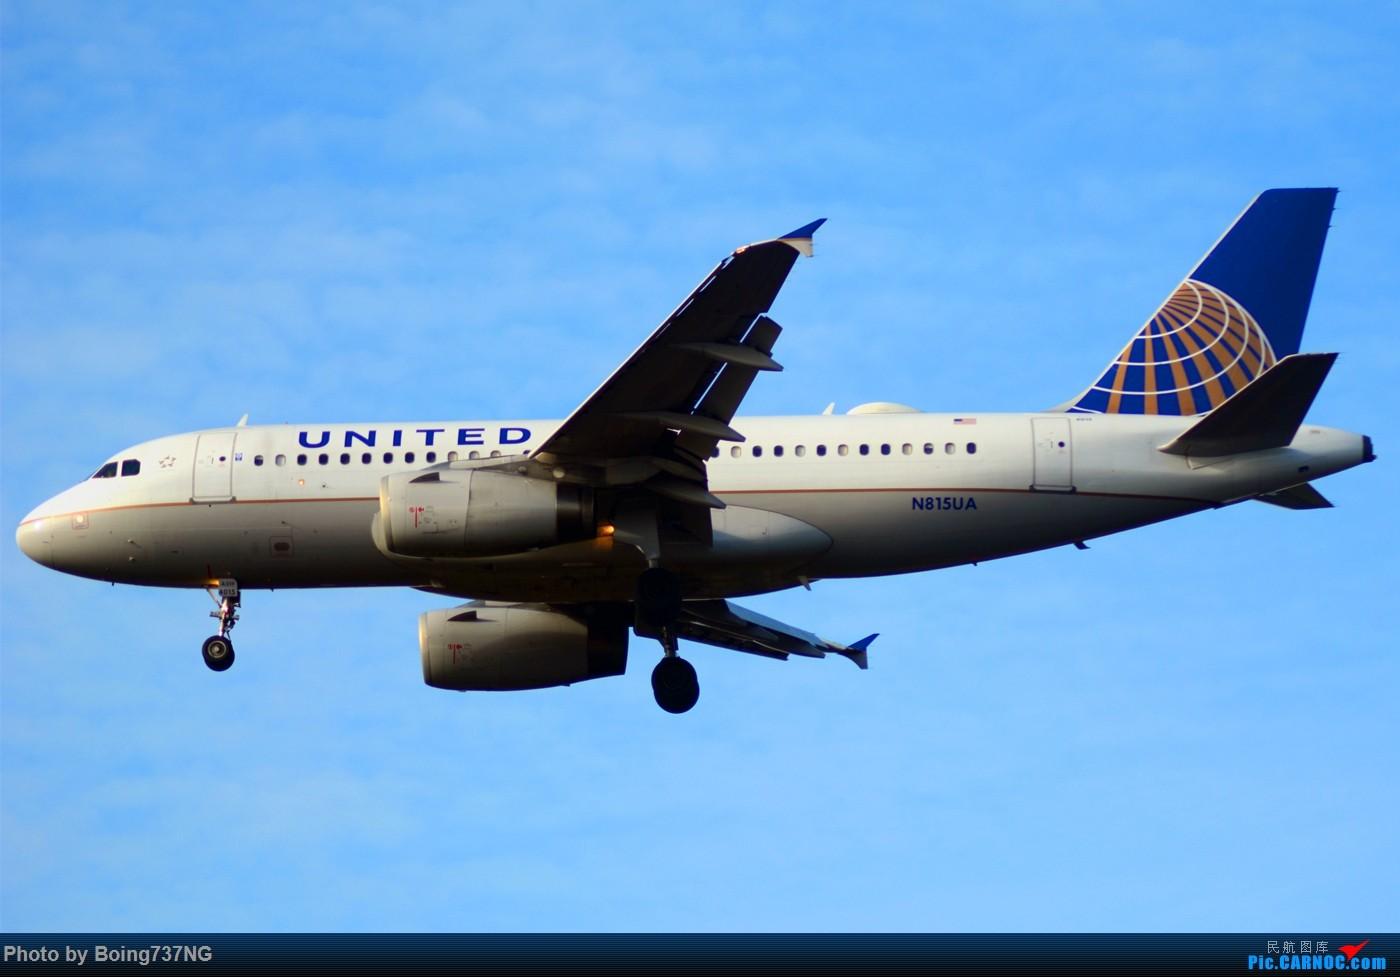 Re:[原创]【SEA-TAC】人生第一次的拍机收获 AIRBUS A320-200 N815UA 美国西雅图机场